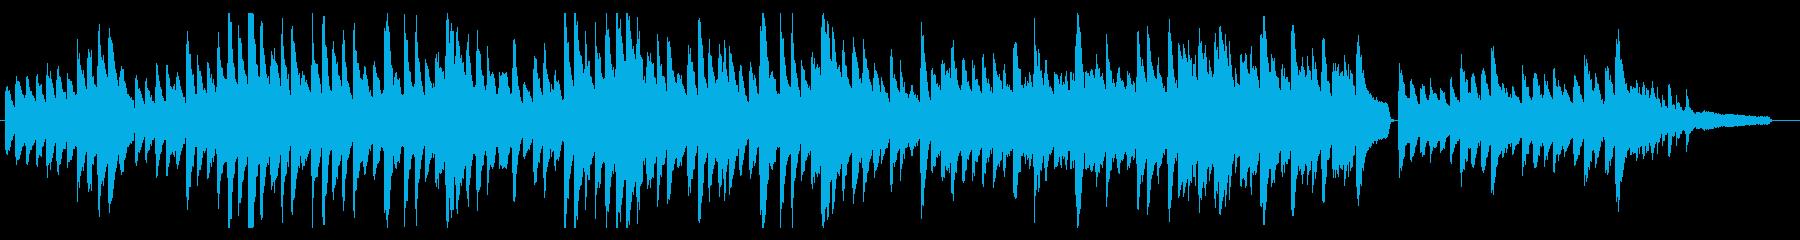 哀しくゆったりとしたソロピアノBGMの再生済みの波形